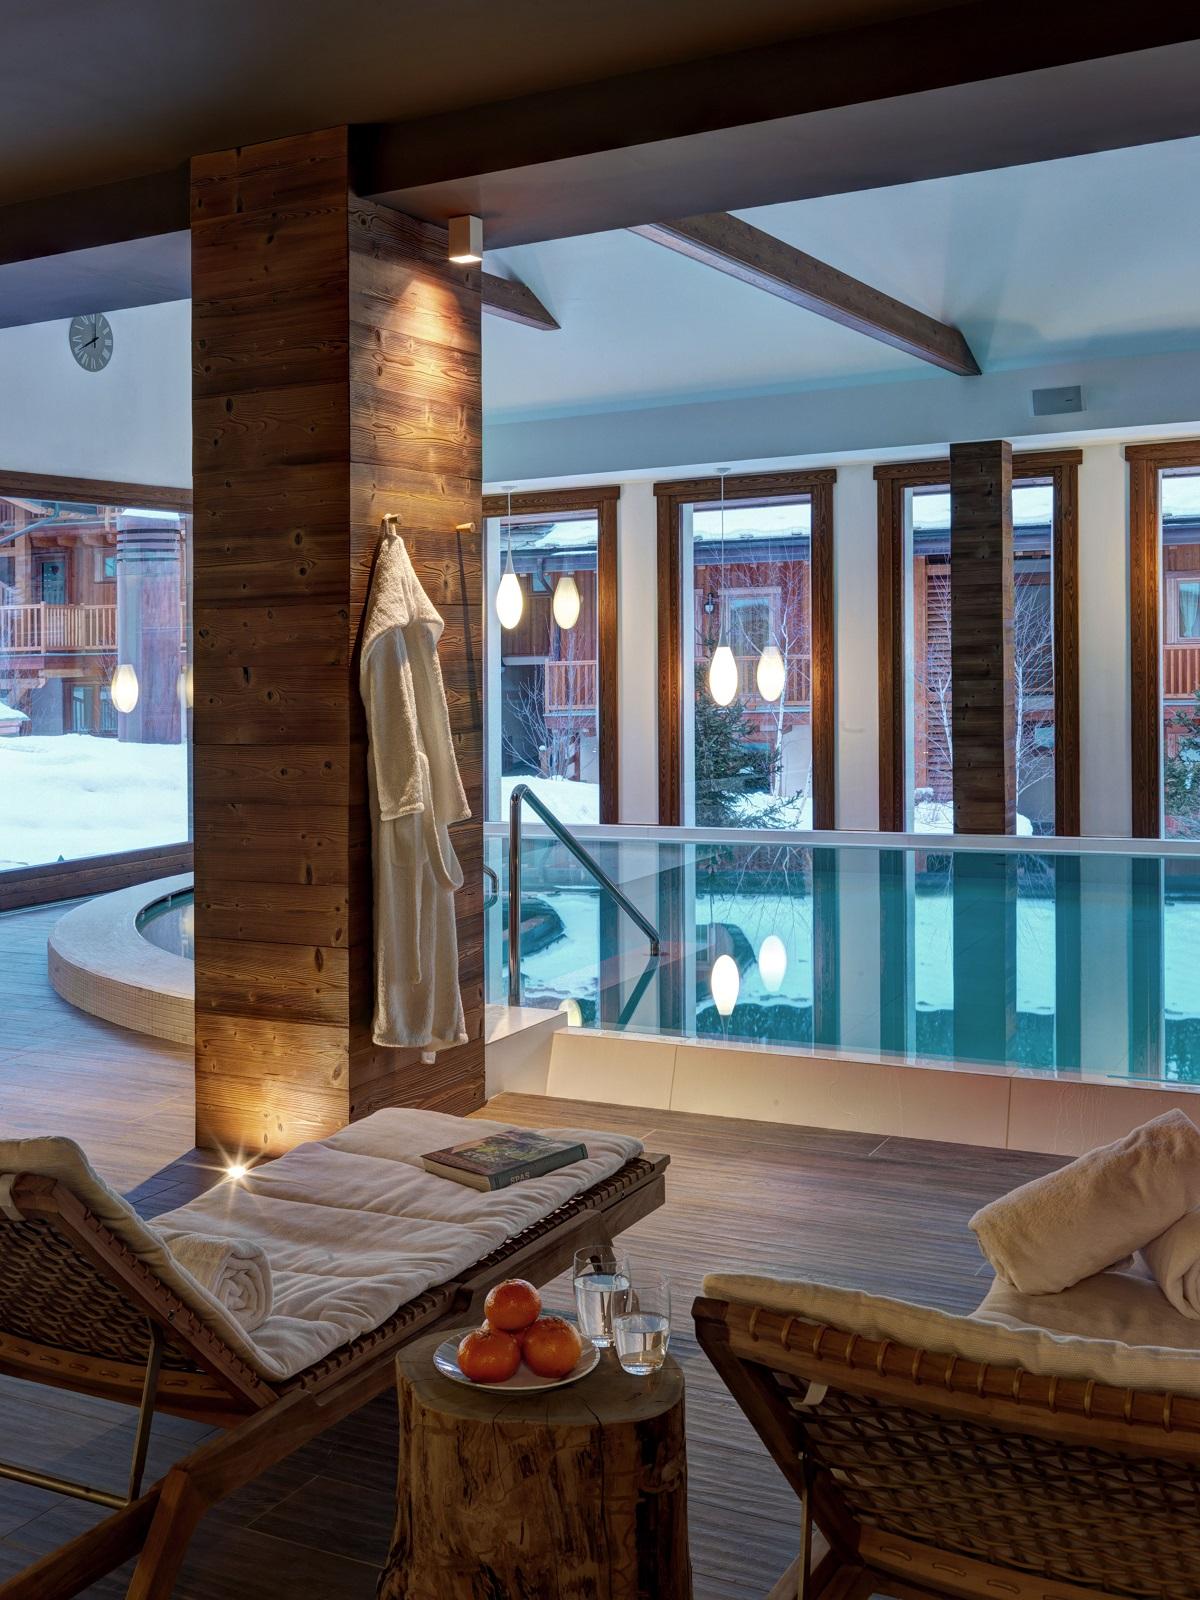 konyhasziget_teli_luxus_hotel_nira_montana_swimming-pool.jpg